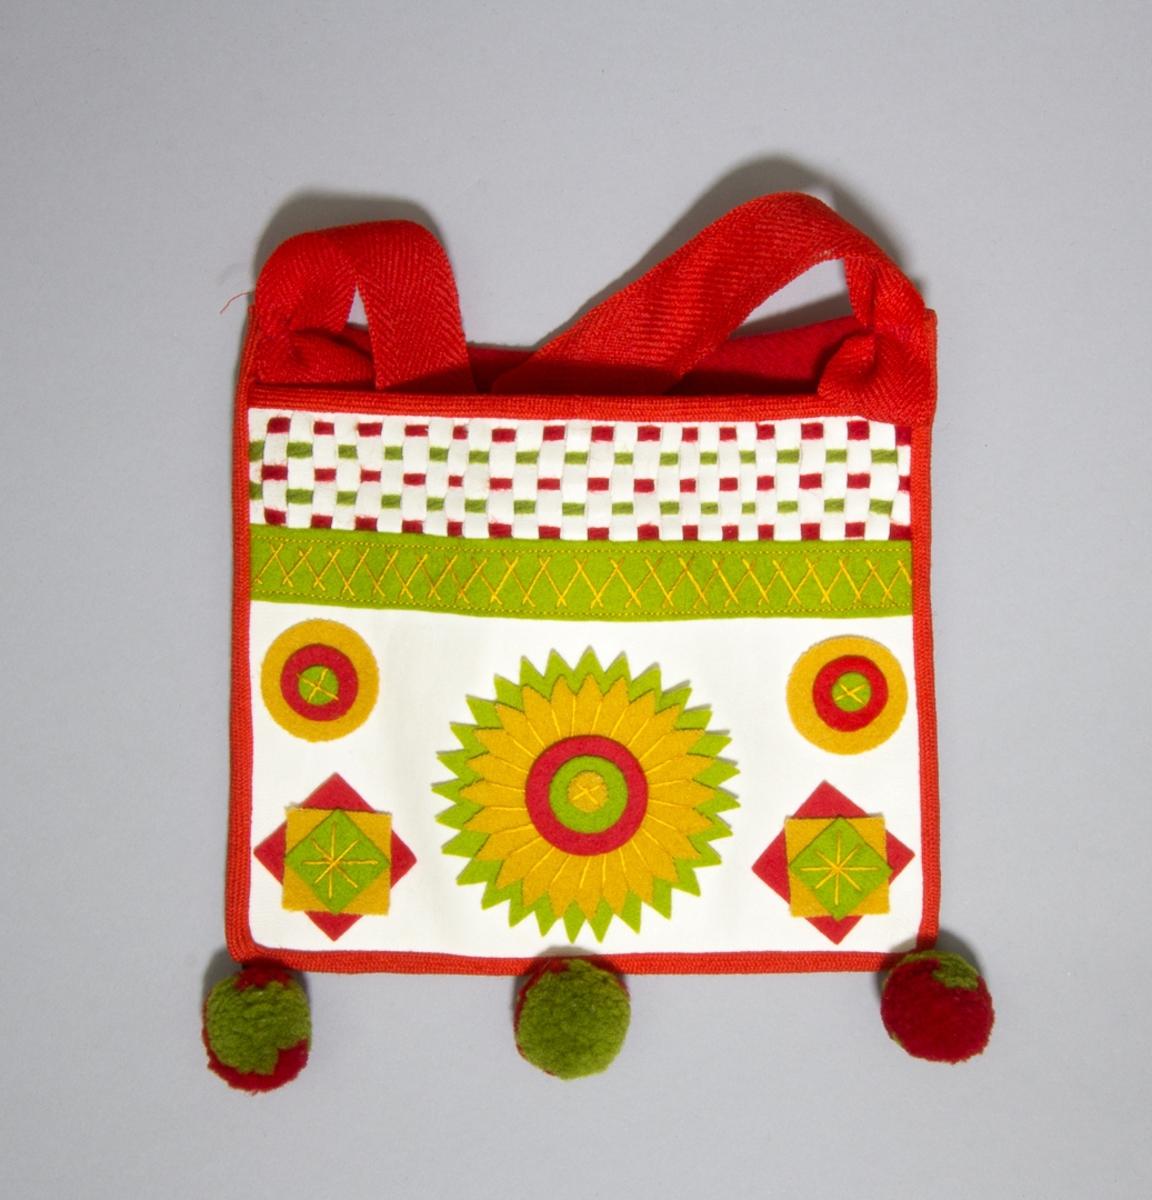 """Kjolsäck till dräkt för flicka från Rättviks socken, Dalarna. Modell med avskuret framstycke. Tillverkad av vitt skinn med applikationer av gult, grönt och rött kläde, fastsydda med gult bomullsgarn med sticksöm. Ovanför applikationerna en remsa grönt kläde med flätsöm, ovanför denna en """"grind"""" flätad av remsor av vitt skinn samt rött och grönt ullgarn. Framstycket fodrat med rött glansigt fabriksvävt bomullstyg, tuskaft. Kantad runtom med rött diagonalvävt ylleband. Tre tofsar av ullgarn i rött och grönt fästa längs bottensömmen. Bakstycke av rött ylletyg, fabriksvävt, kypert. Axelband av rött fabrikstillverkat spetskypertvävt band av ull."""